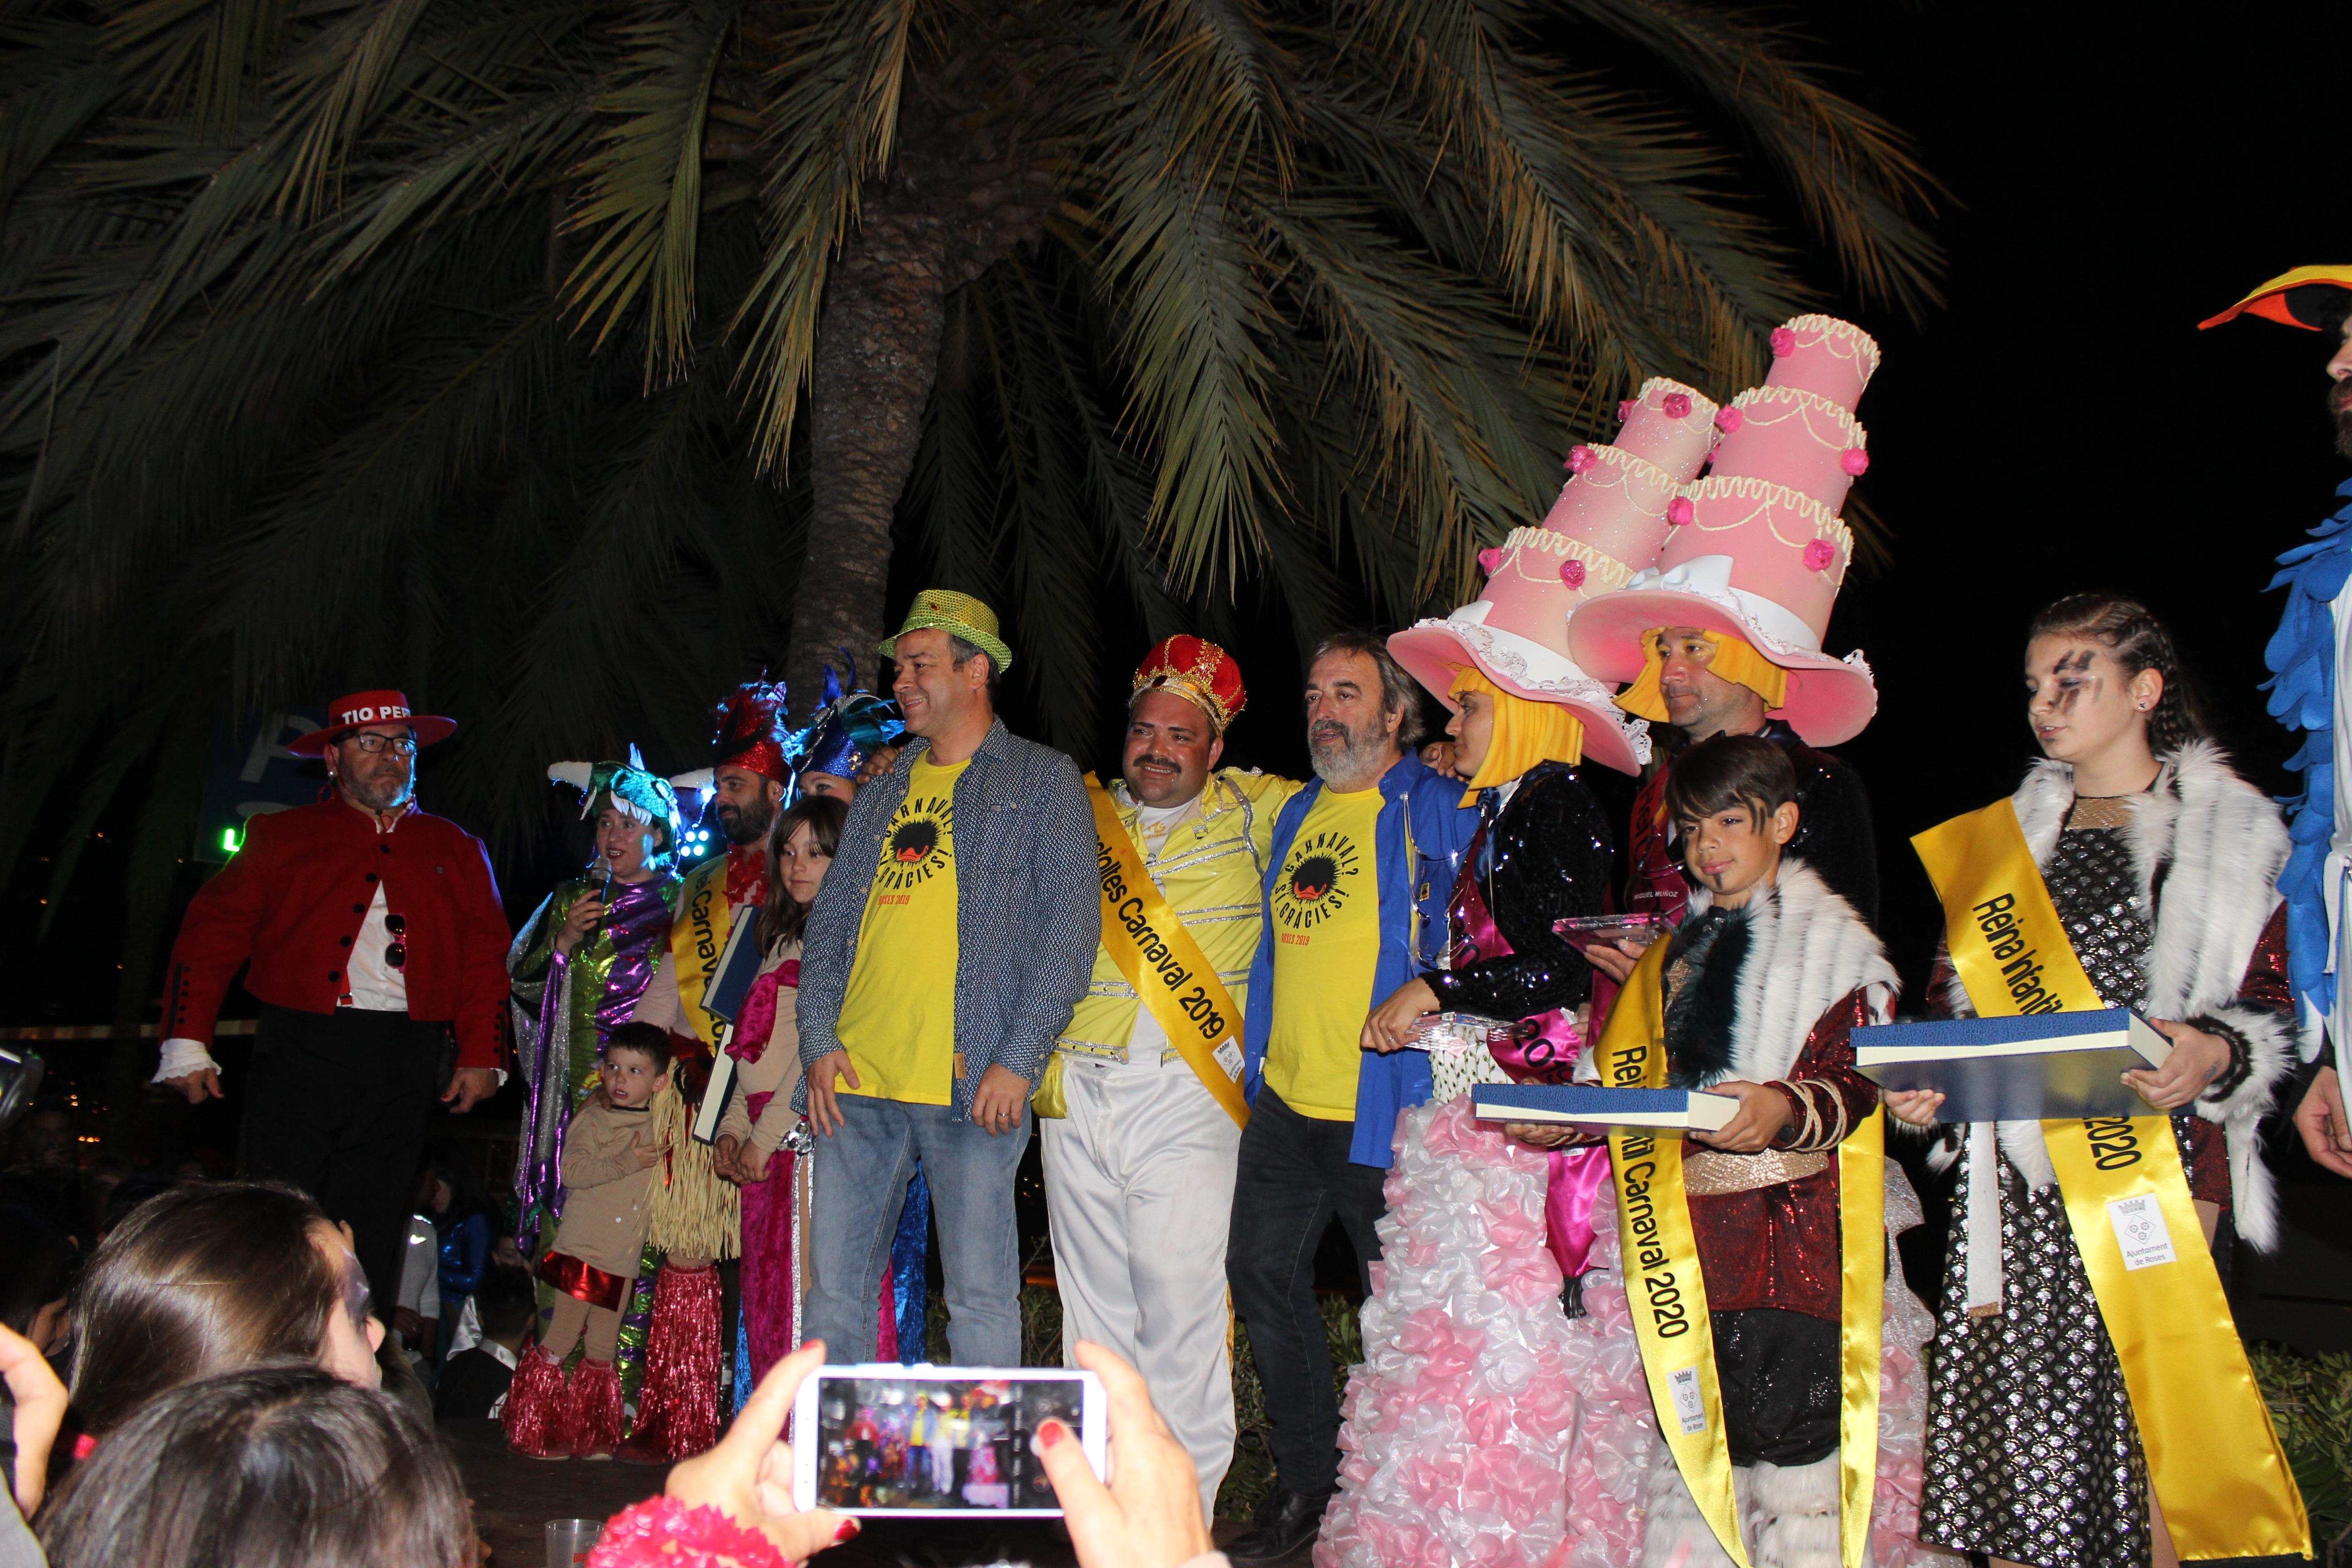 Ja tenim Reis per al Carnaval de Roses 2020